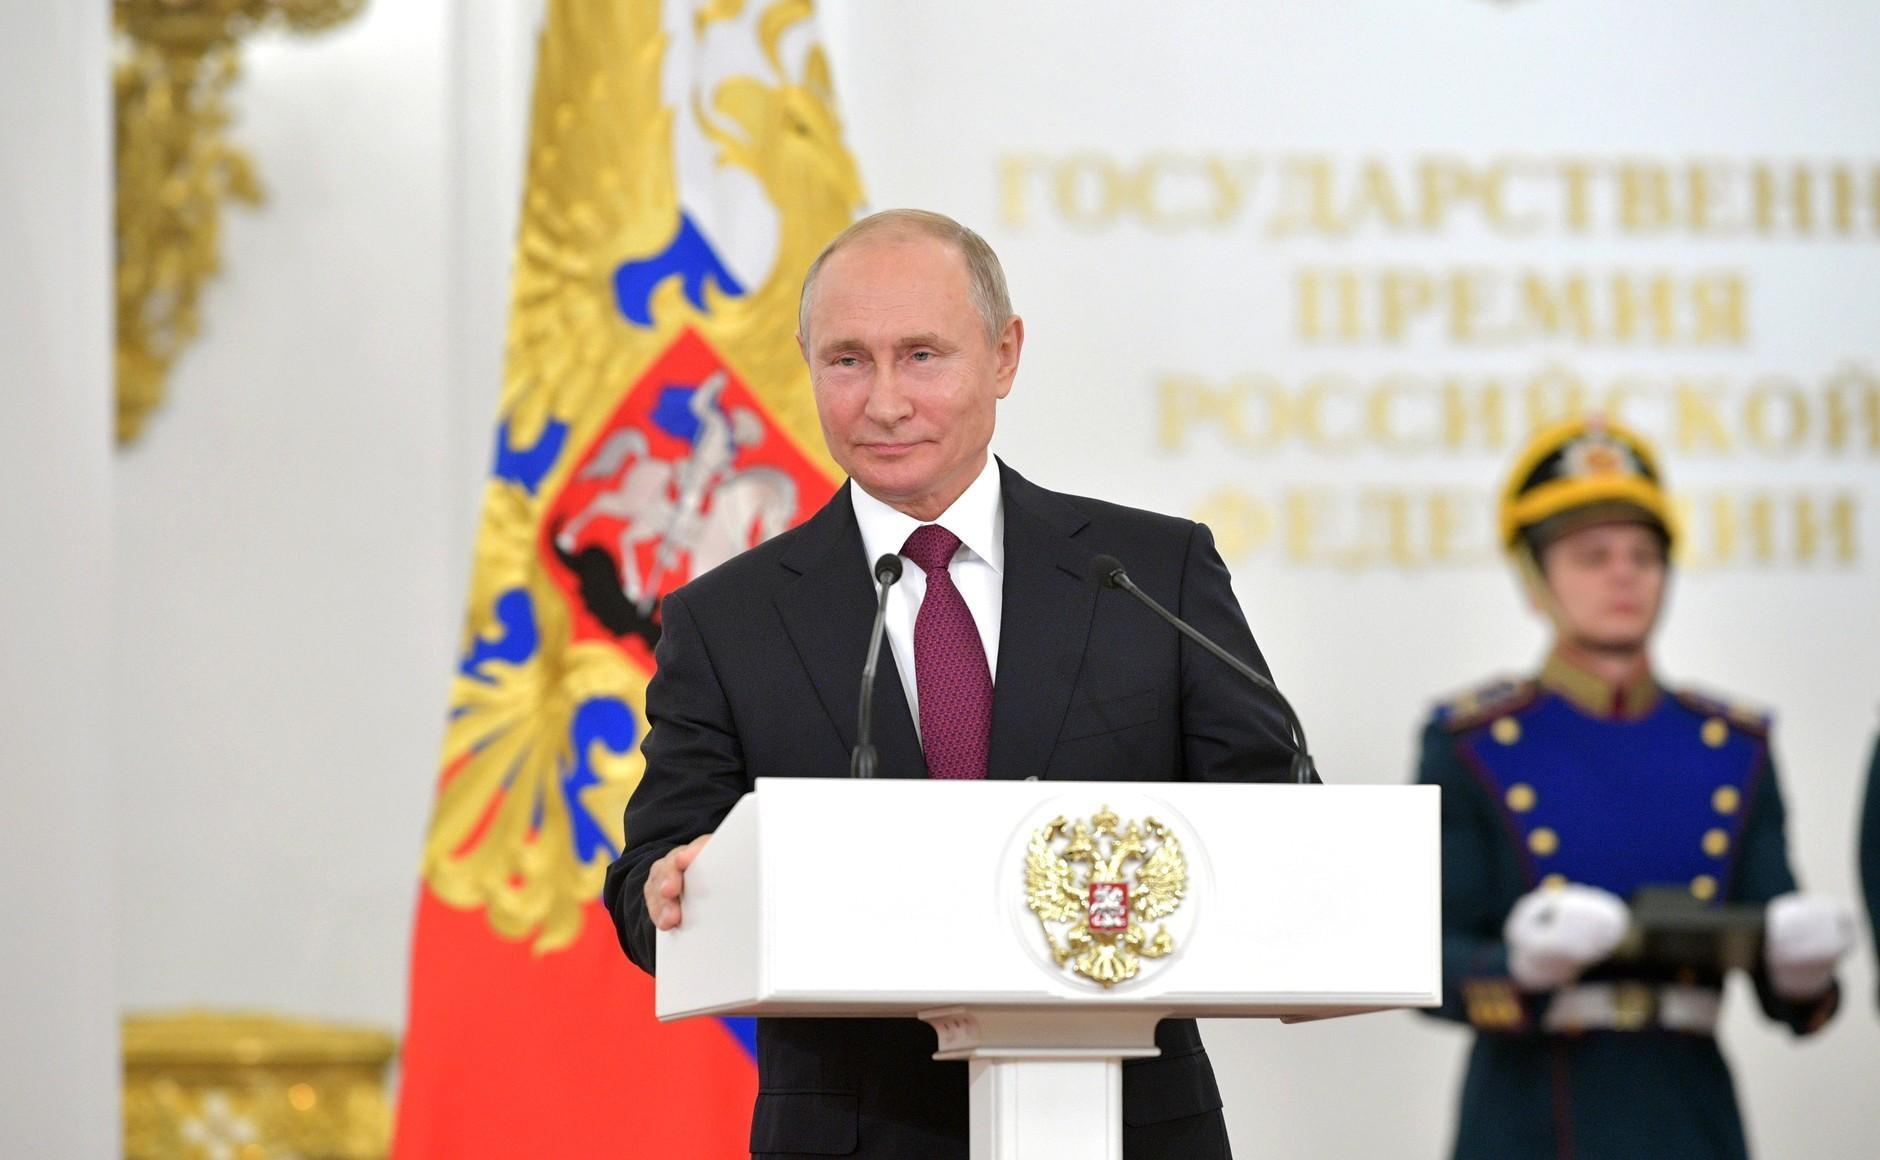 Путин поздравил мусульман России с праздником Курбан-байрам